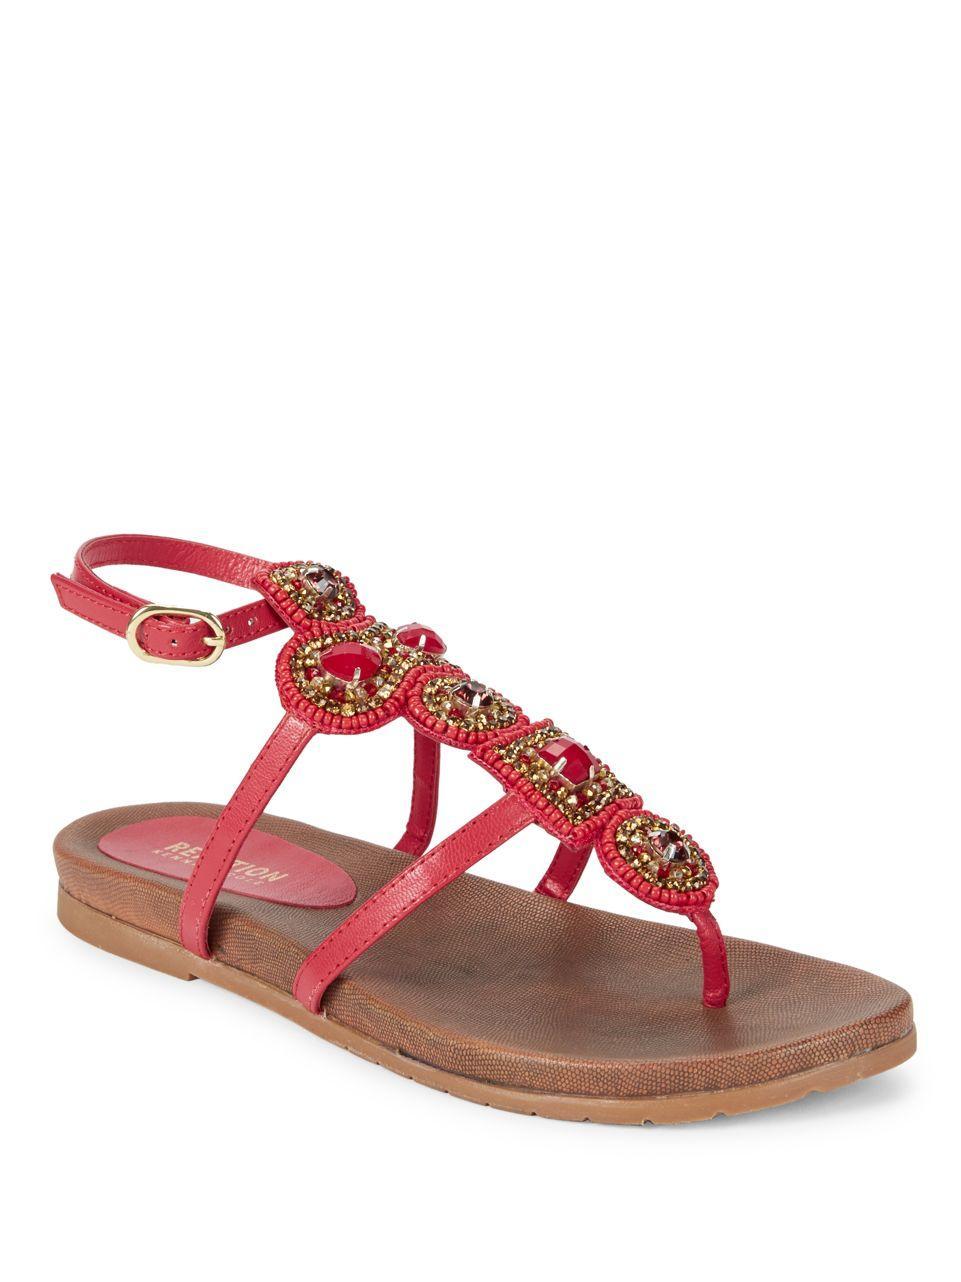 Mel Shoes Asos Uk